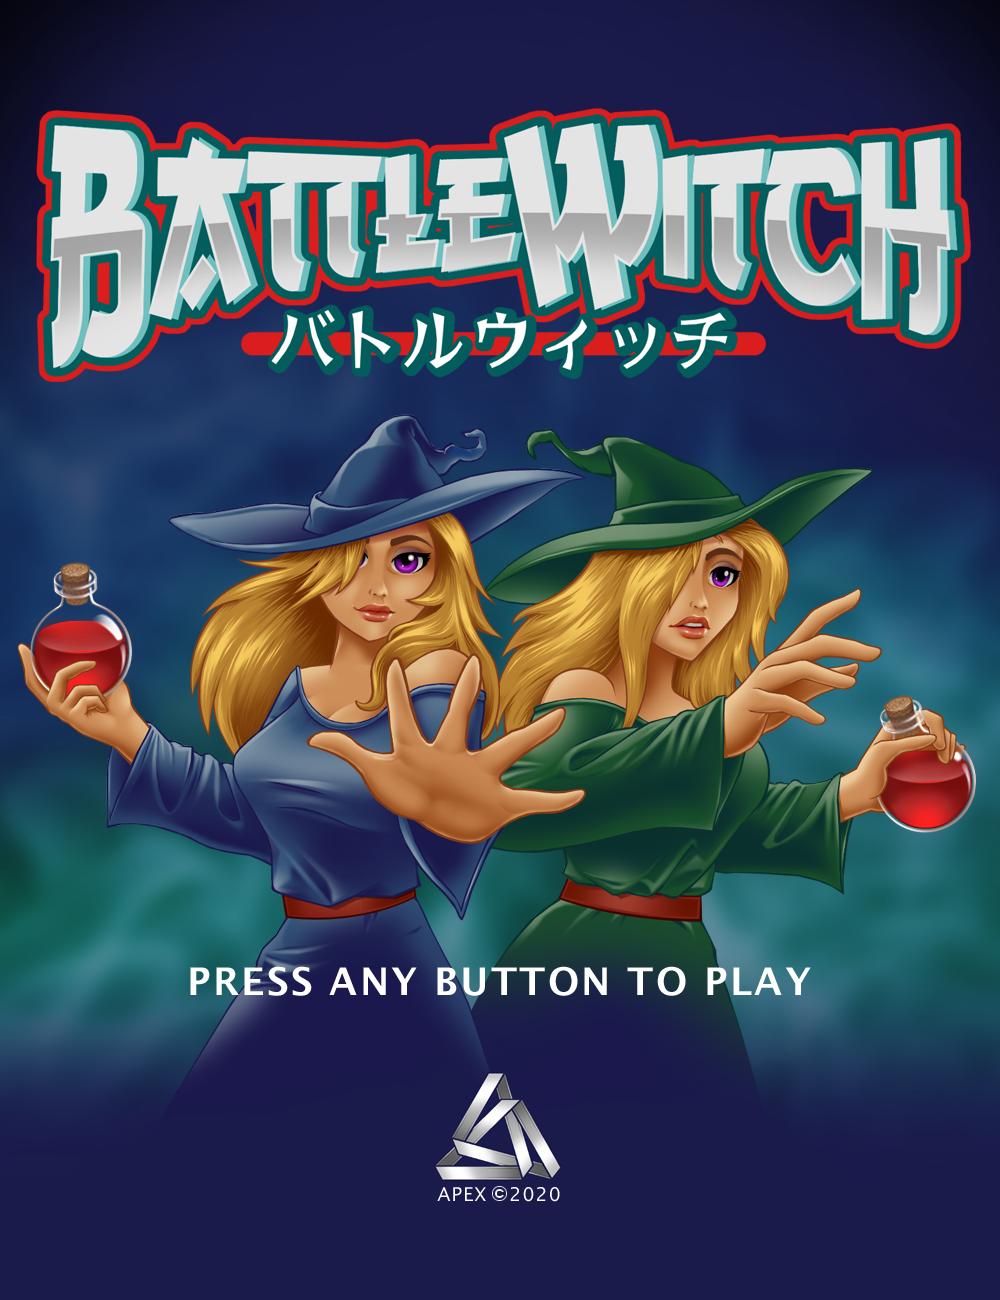 BattleWitch